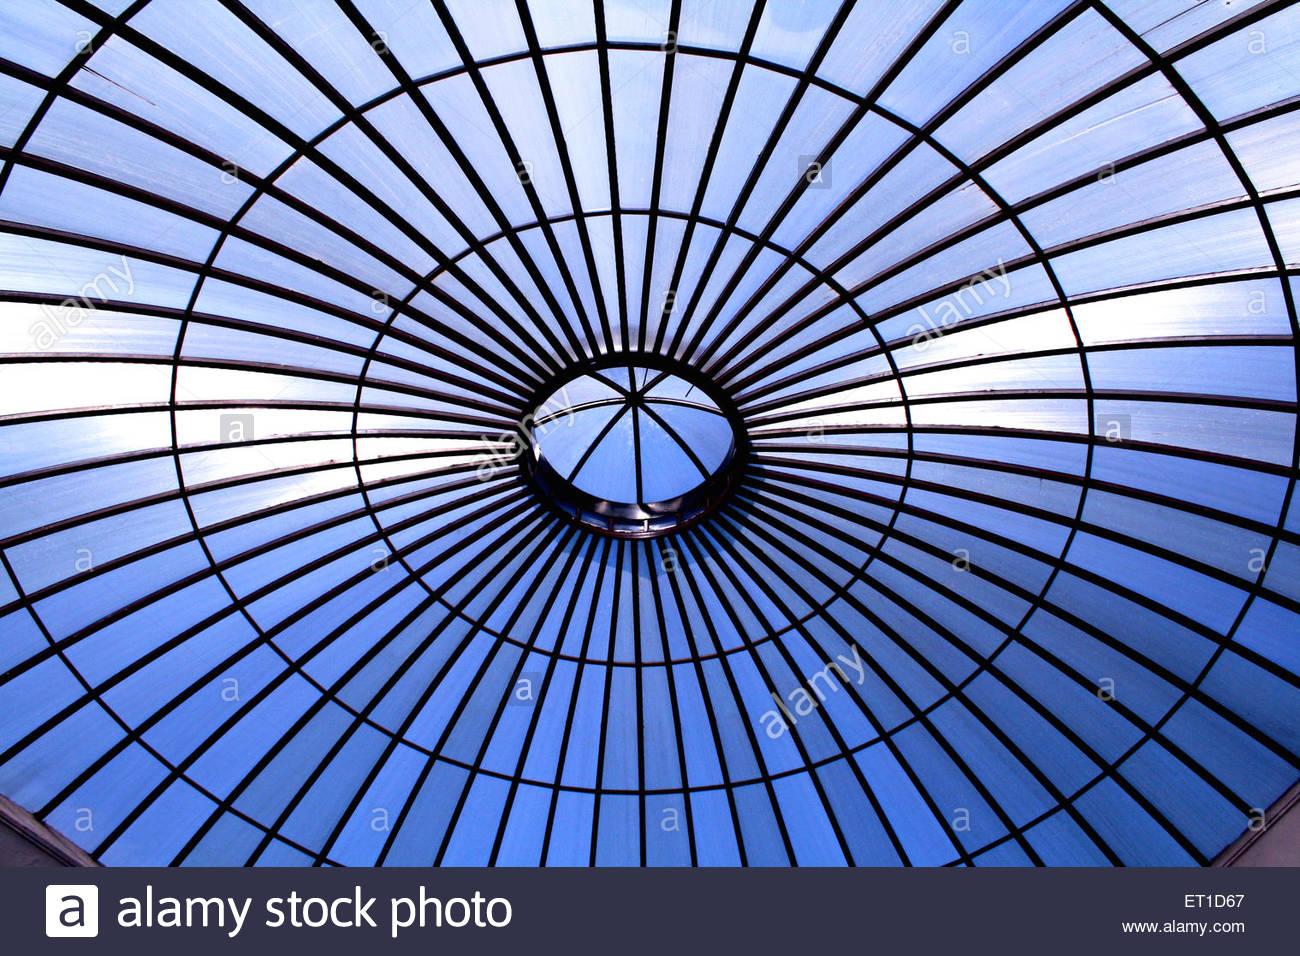 Kreismuster konzentrische Kreise der Metallgitter Farben blau und schwarz Stockbild